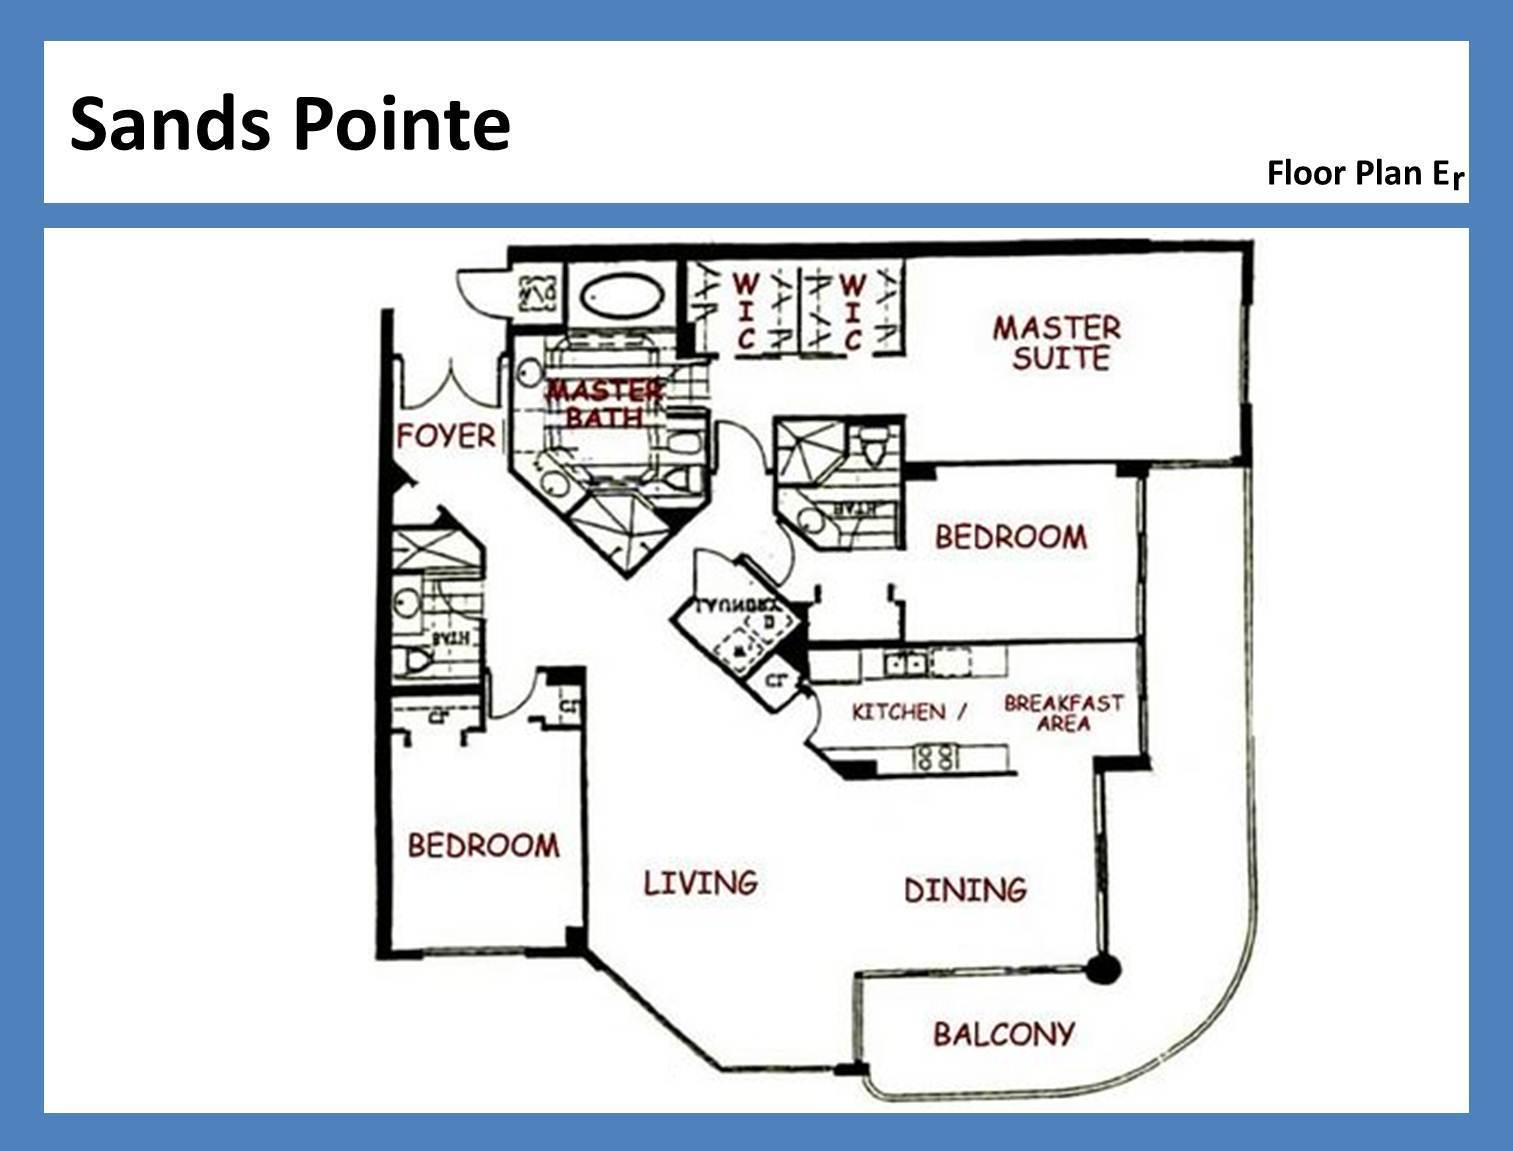 Sands Pointe - Floorplan 4